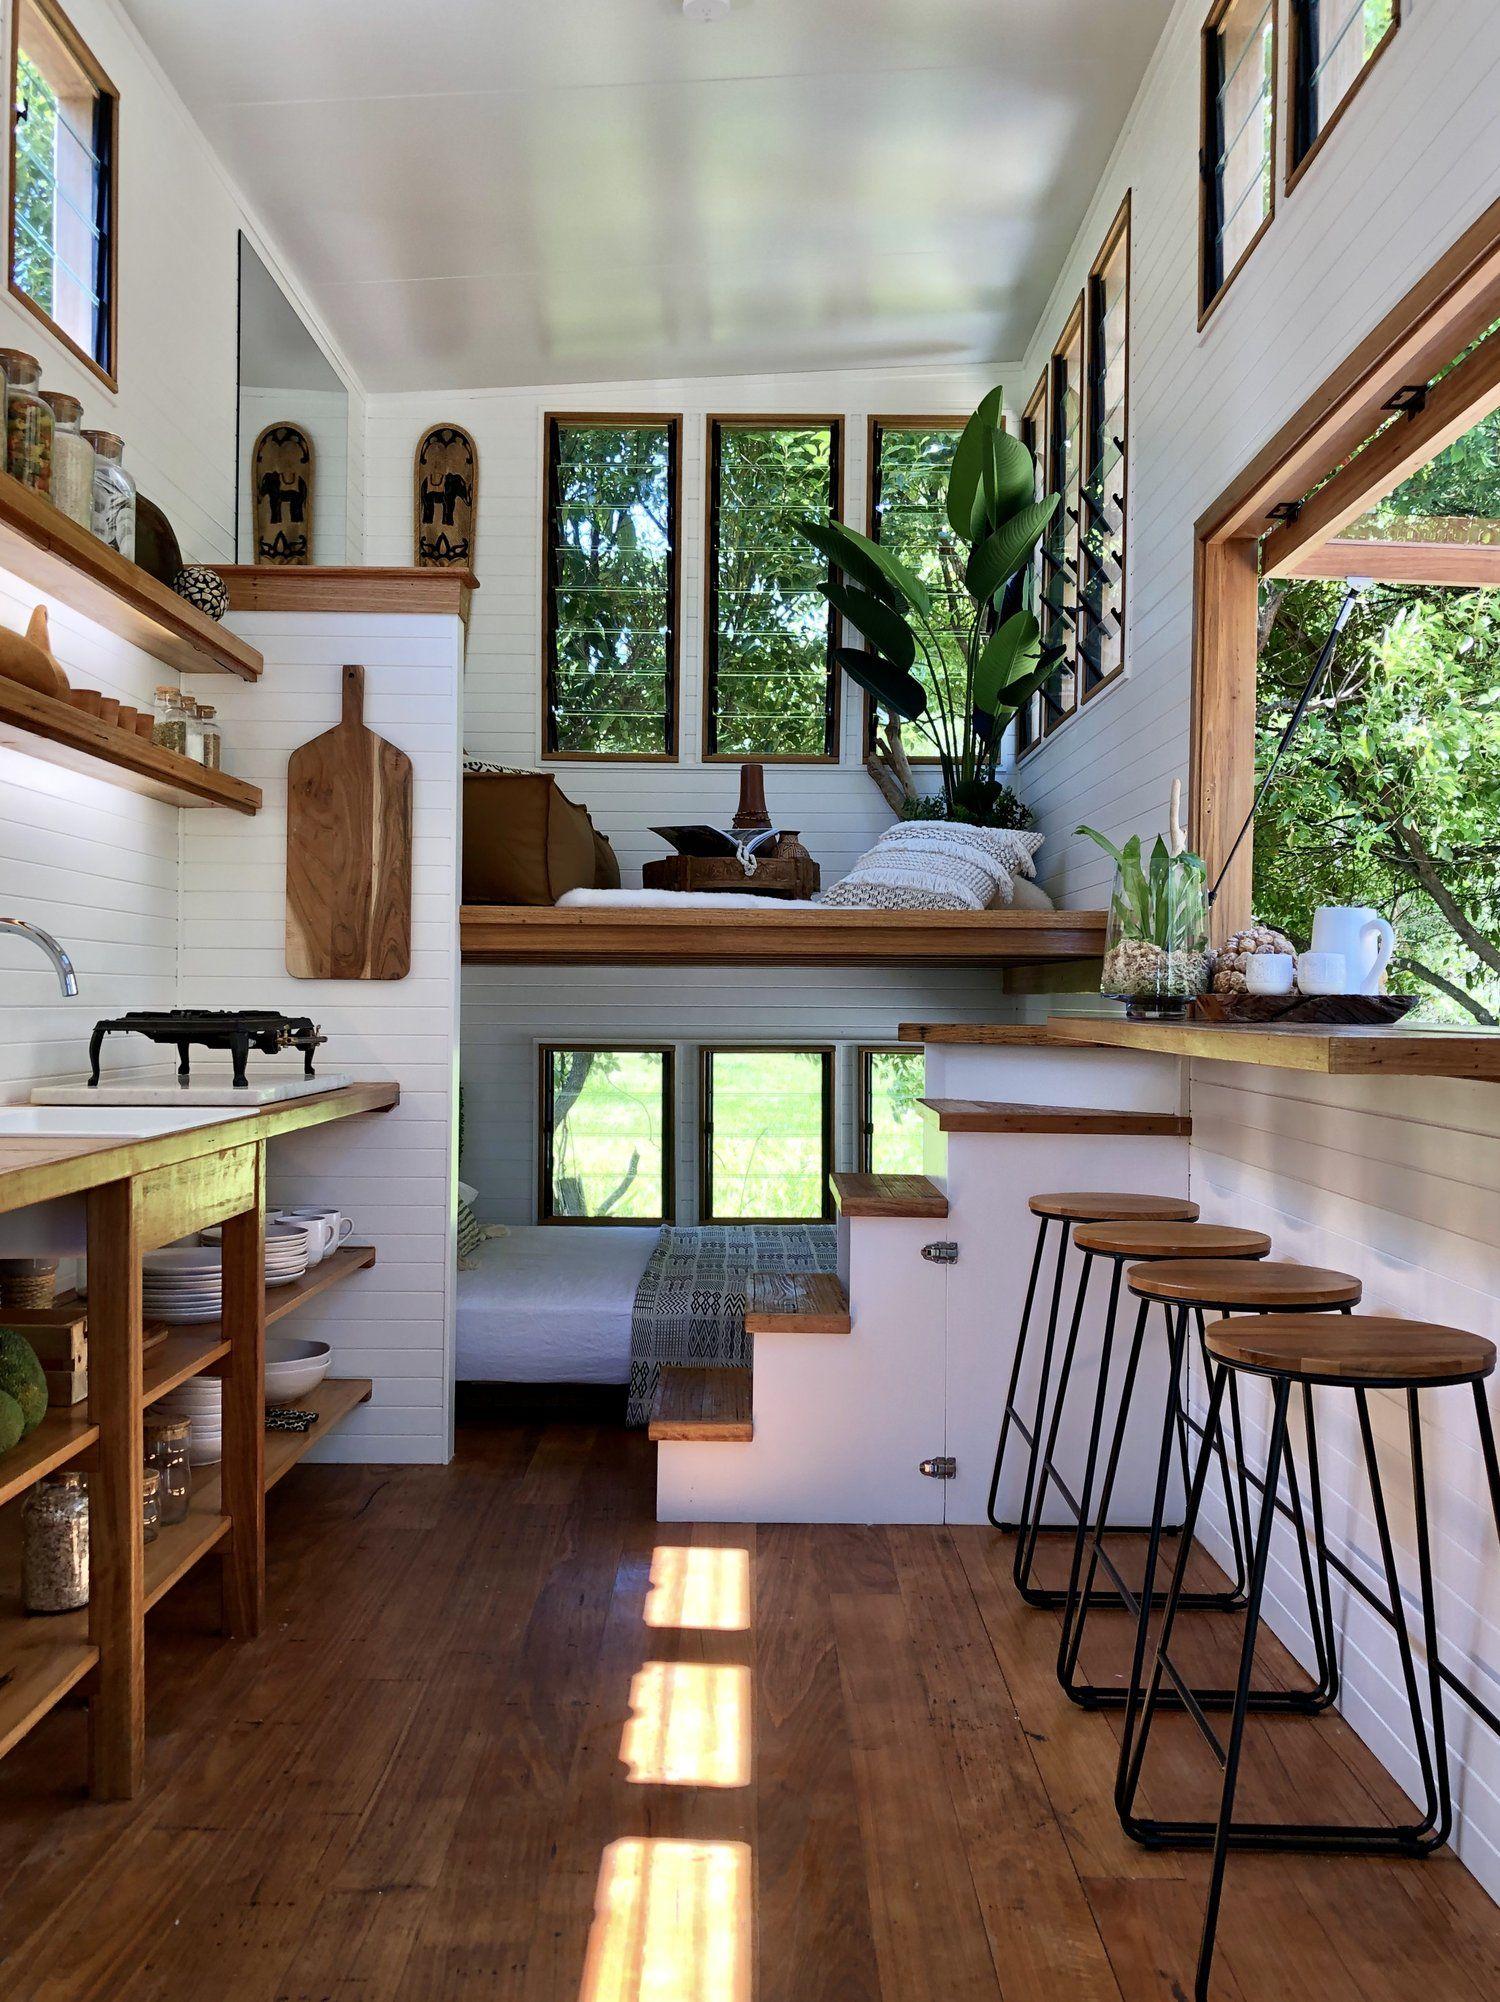 Dans cette tiny house c'est le salon qui est en haut - PLANETE DECO a homes world #decofuture